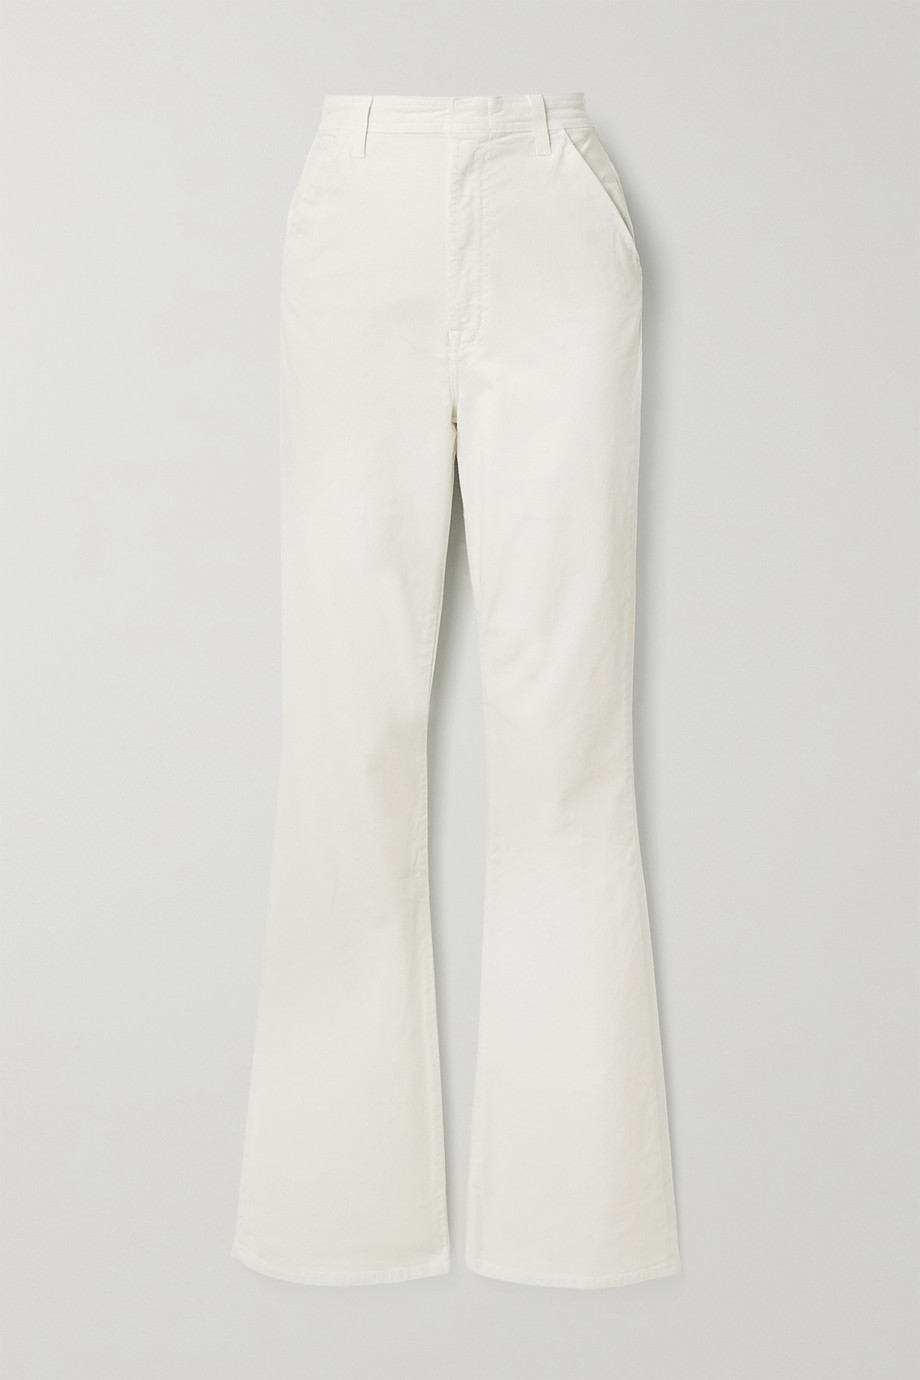 J Brand Pantalon évasé en velours de coton mélangé côtelé Runway